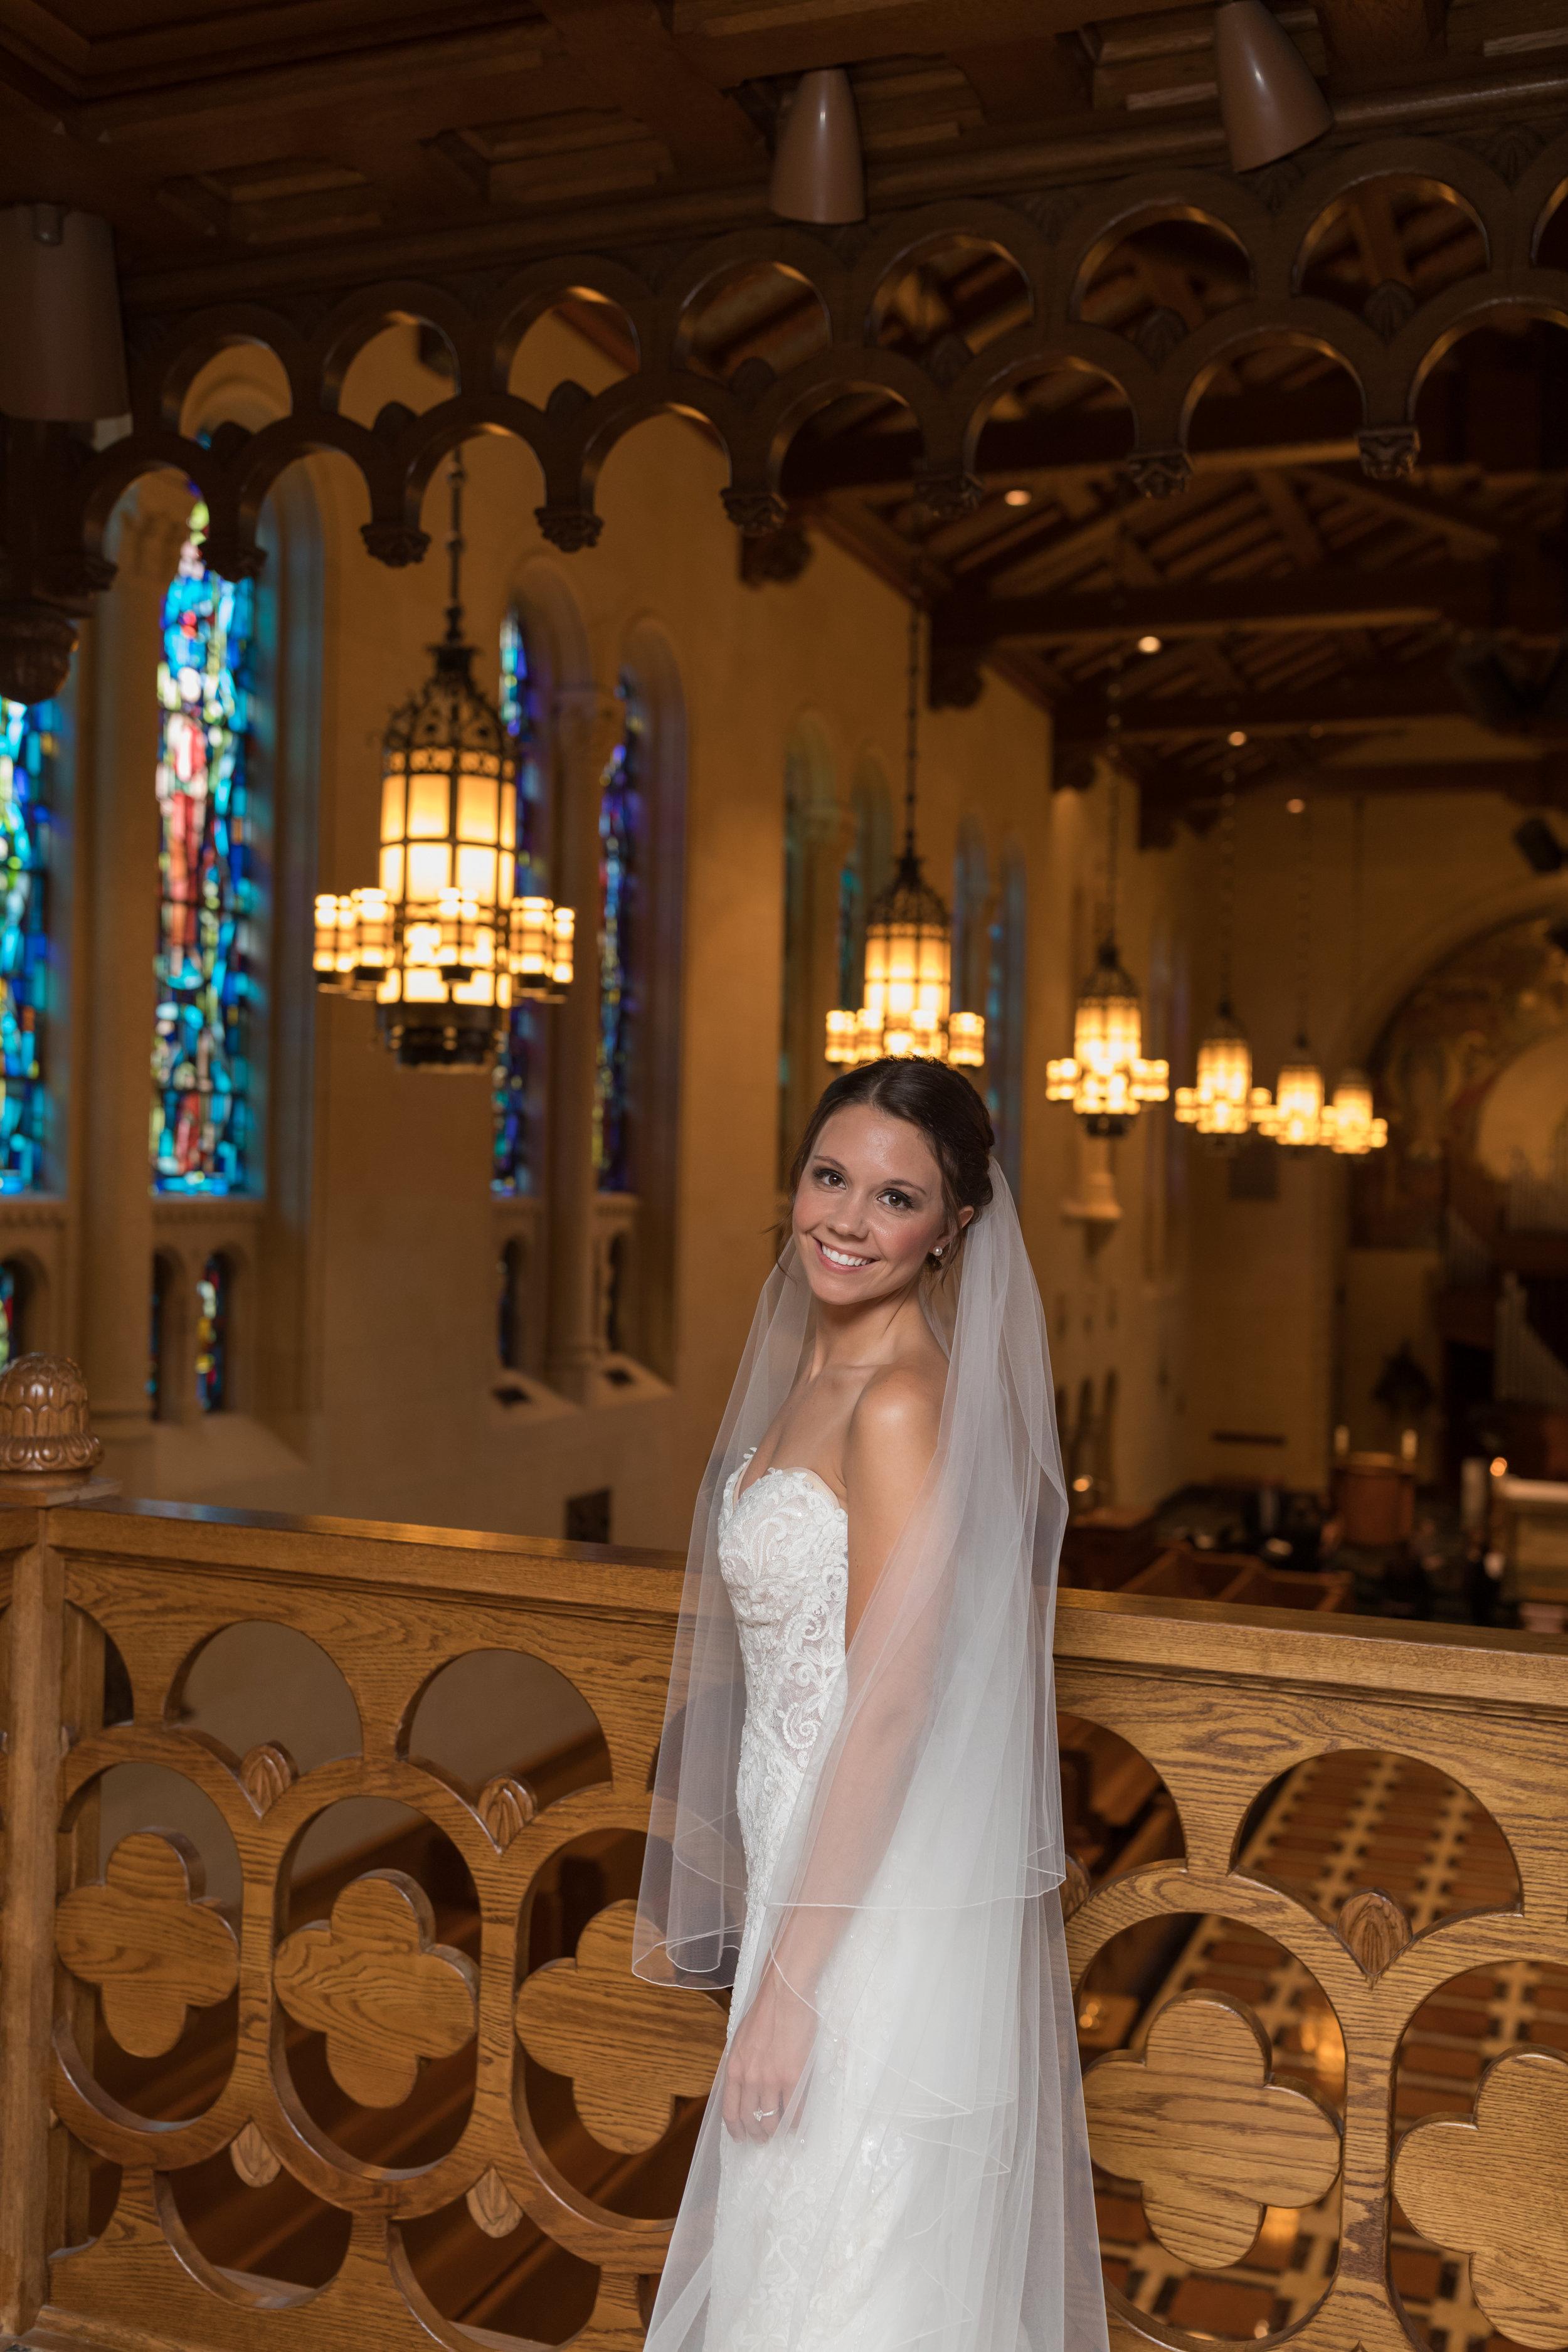 shareyah_John_detroit_wedding_preview_011.JPG